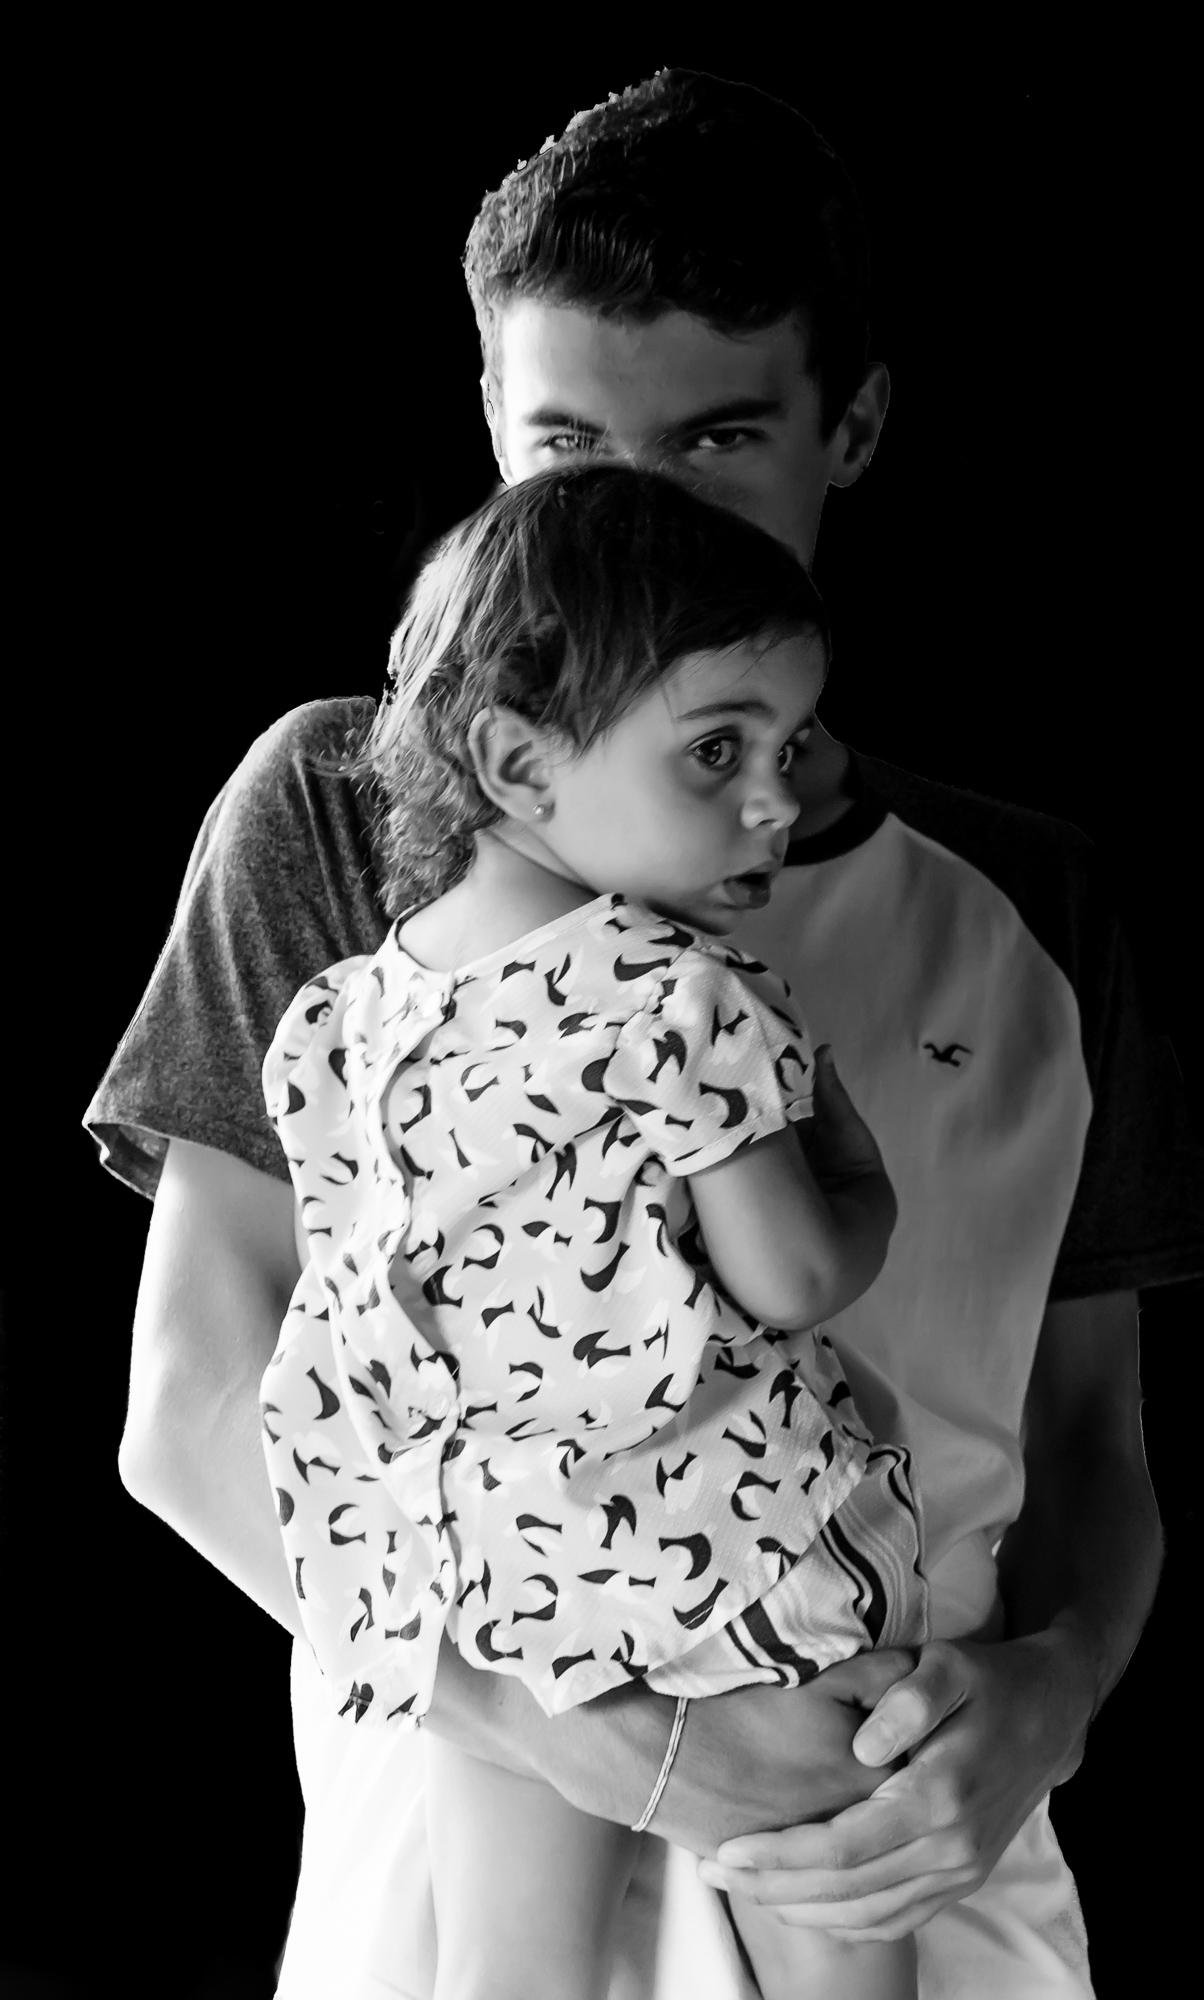 cousins-portrait.jpg